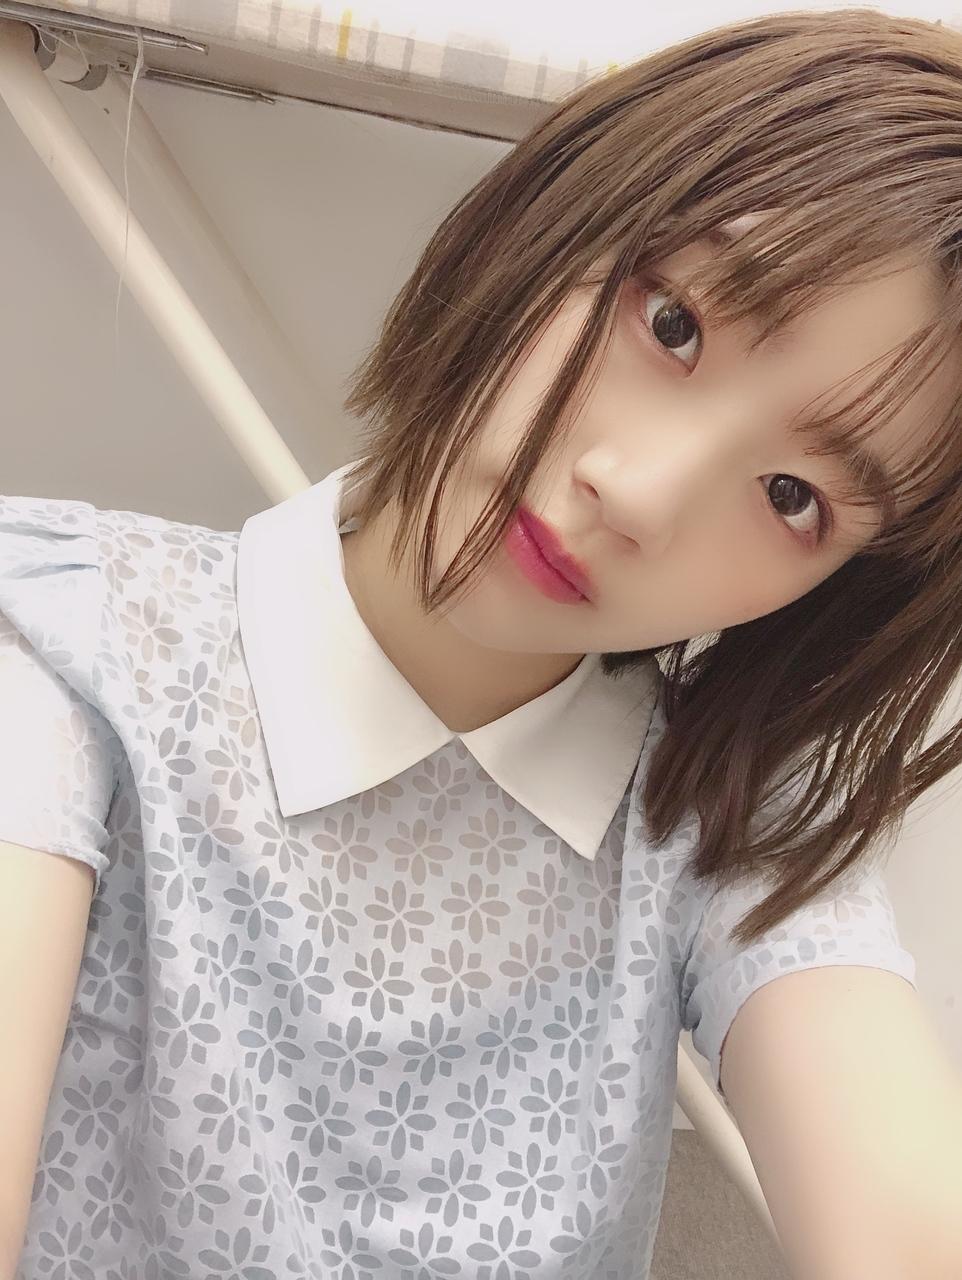 日向坂46メンバーブログまとめ2019年6月8日